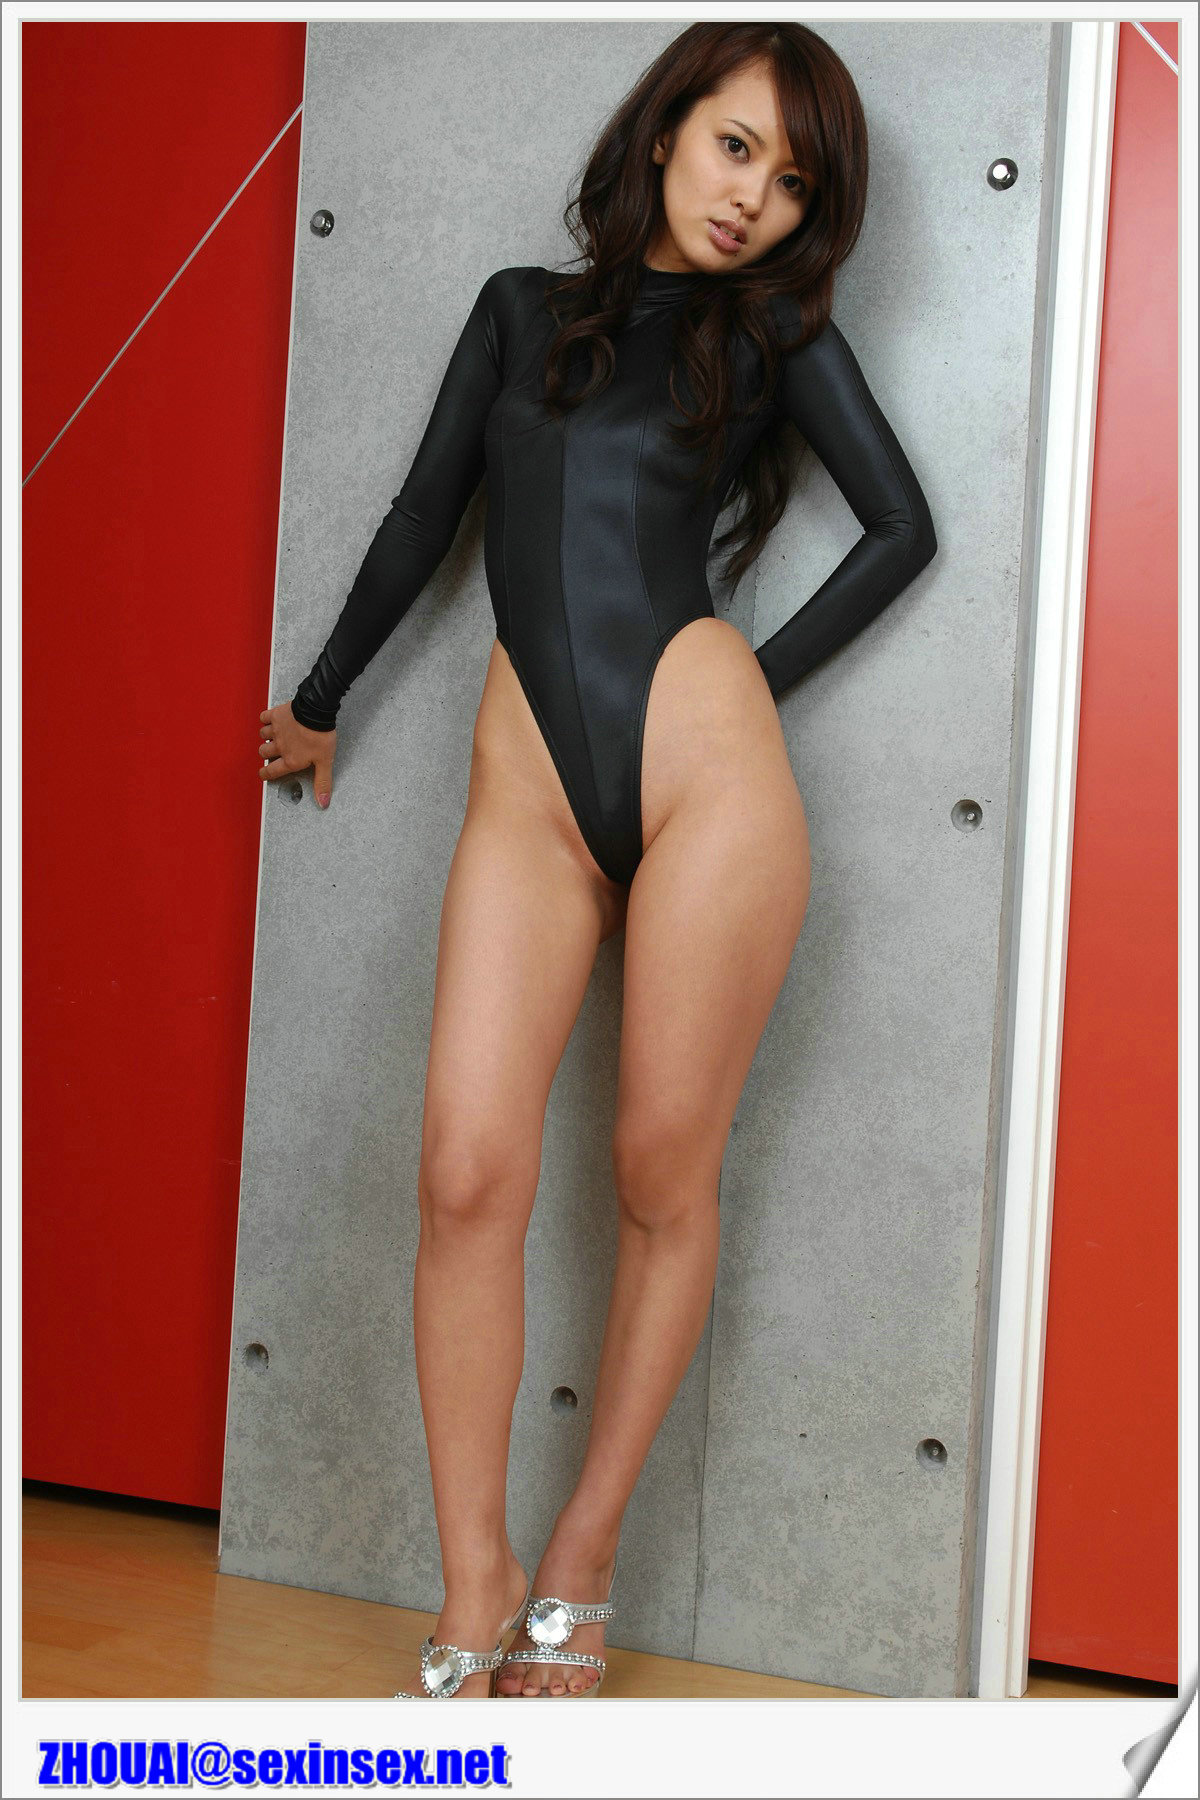 Раздвинула ноги японка фото 6 фотография